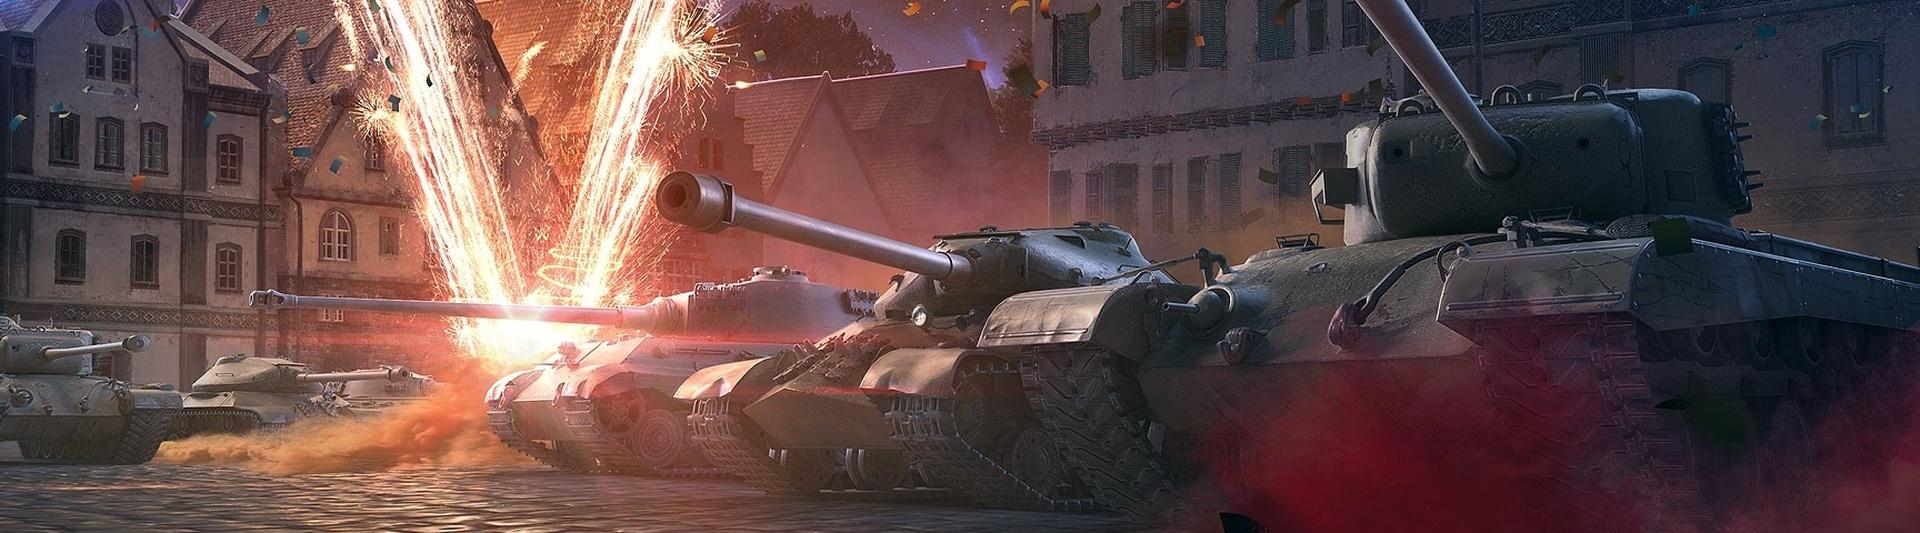 Работа в онлайн игре world of tanks обмен биткоинов на рубли курс